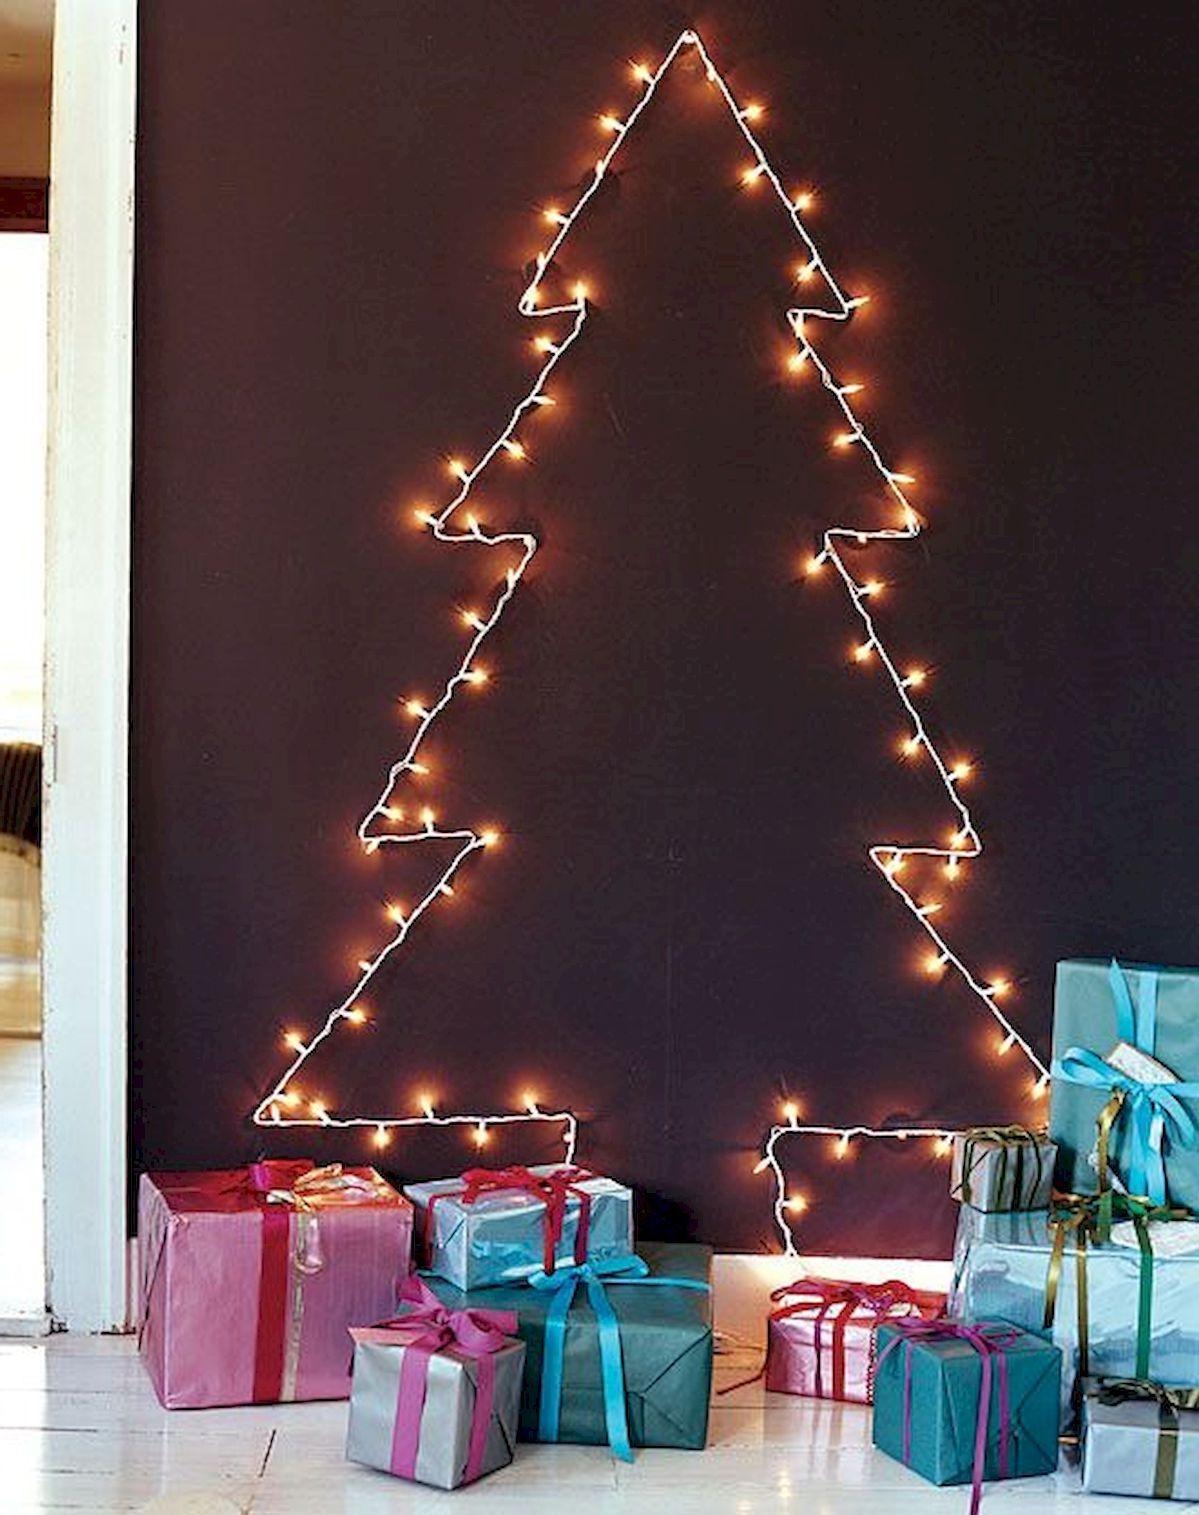 Décoration de Noël facile avec des guirlandes lumineuses.